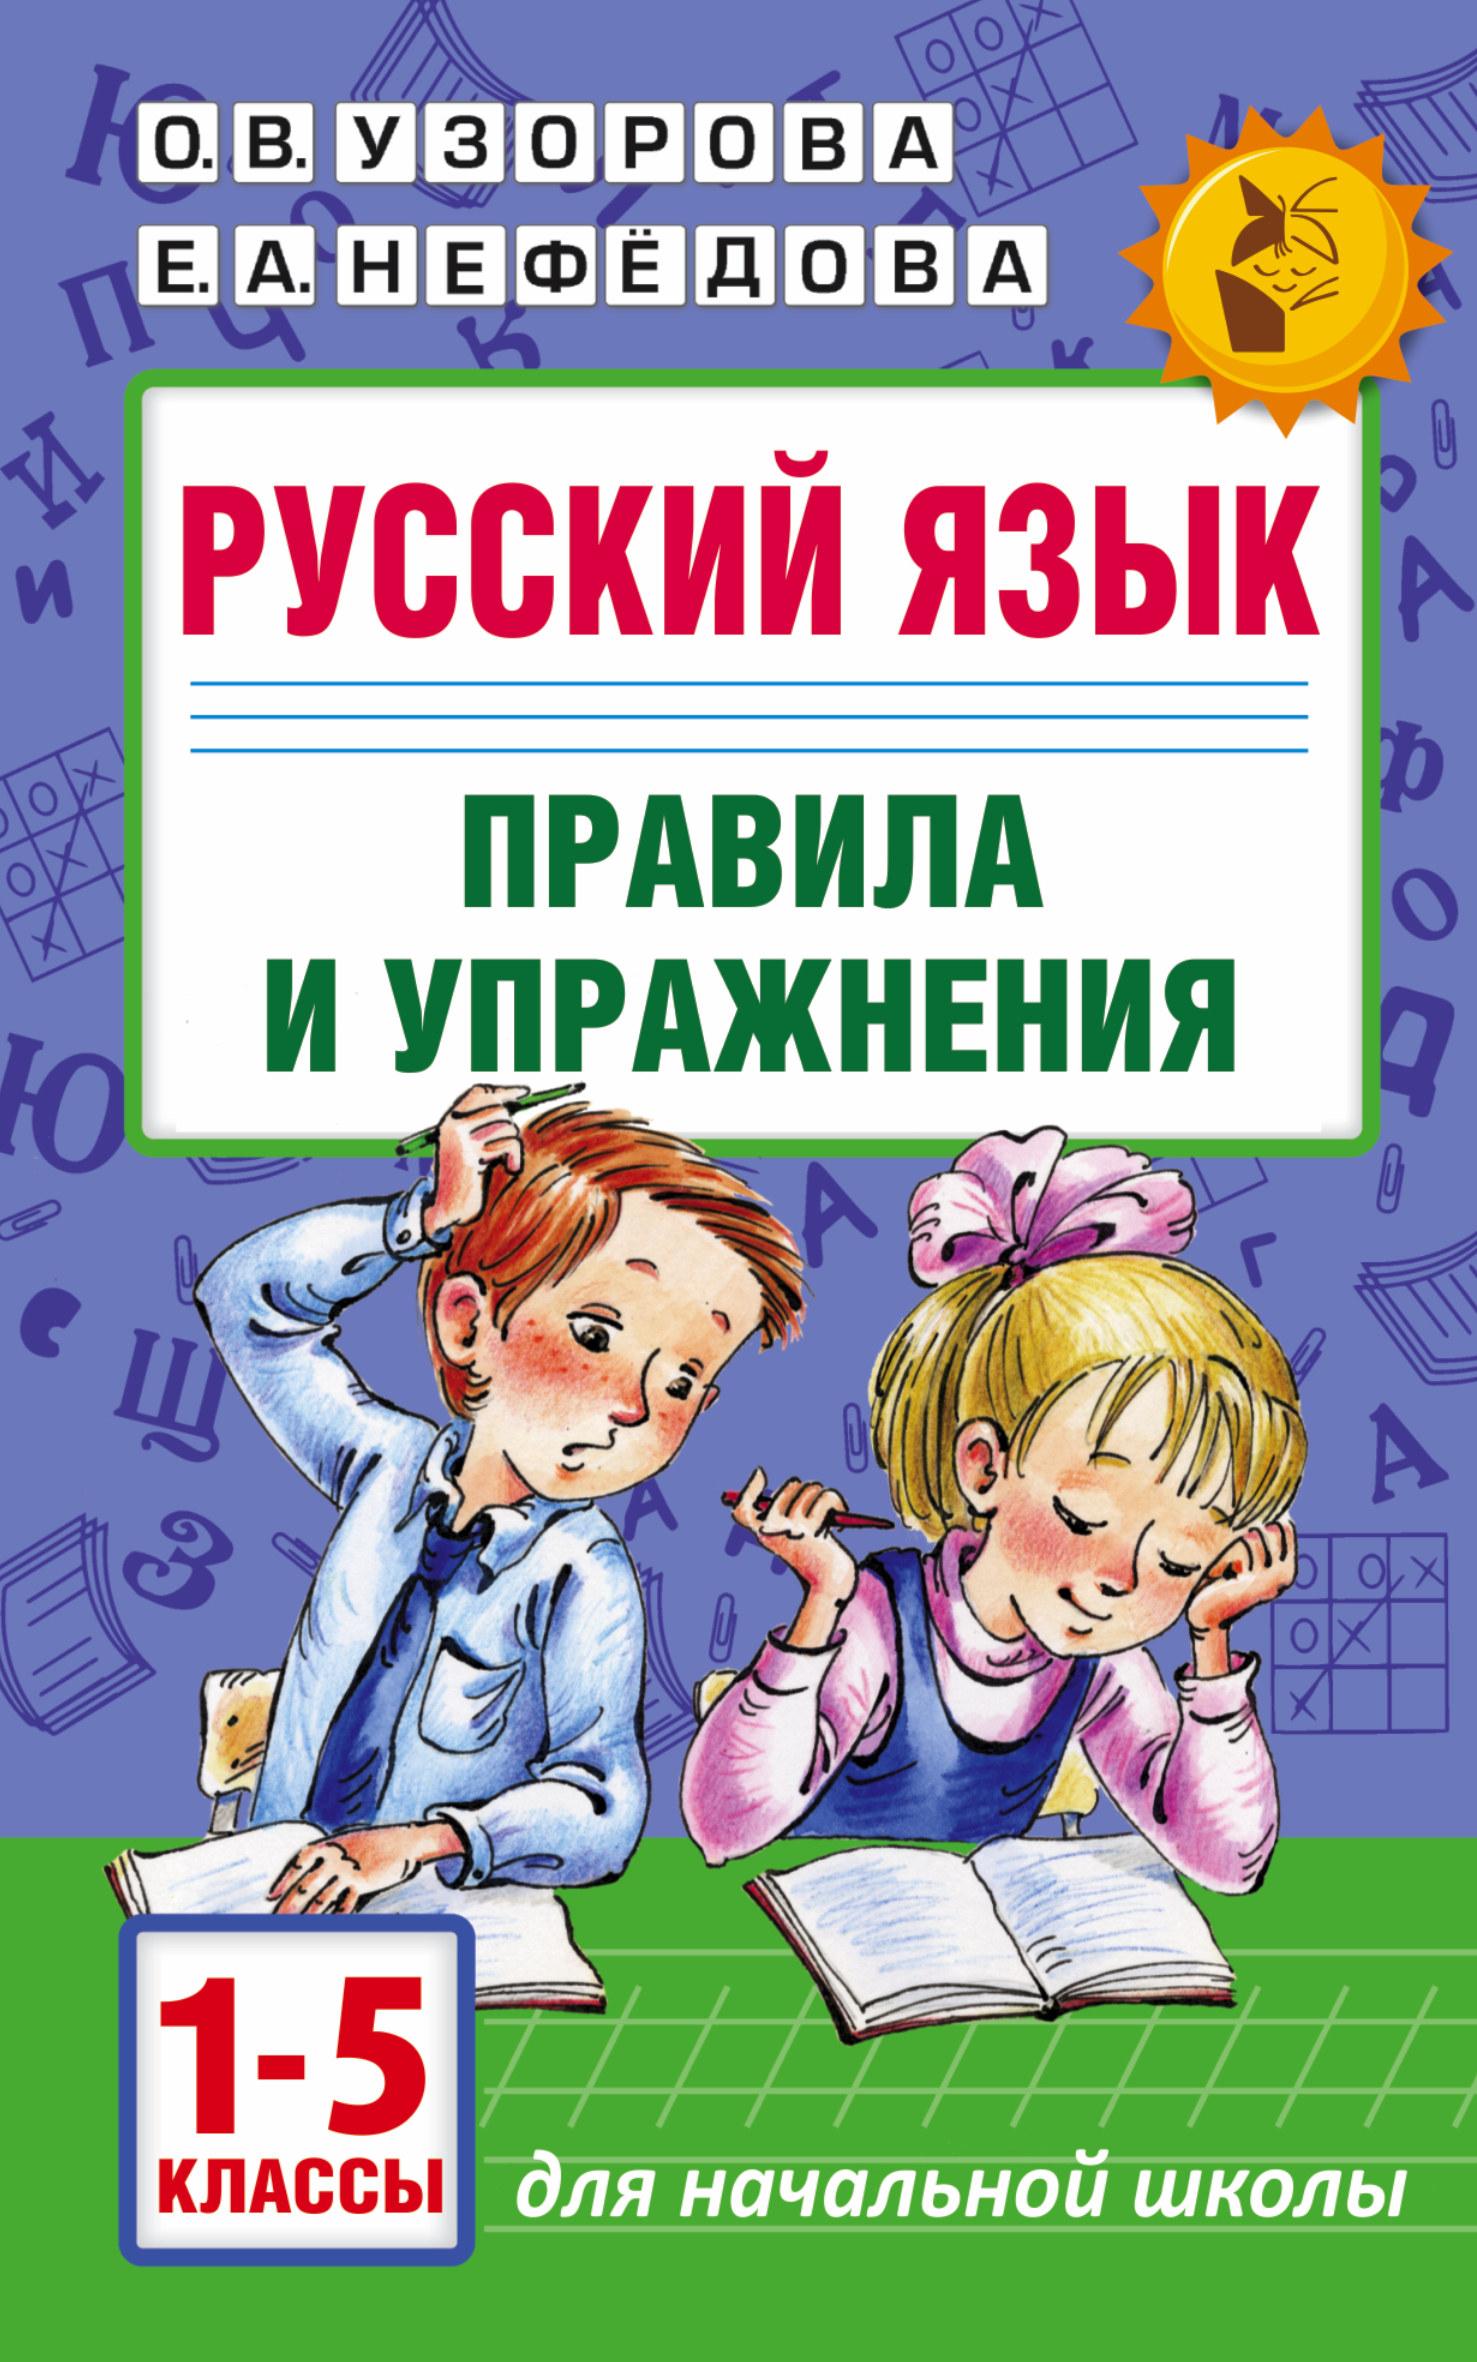 цена на Узорова О.В. Русский язык.Правила и упражнения 1-5 классы